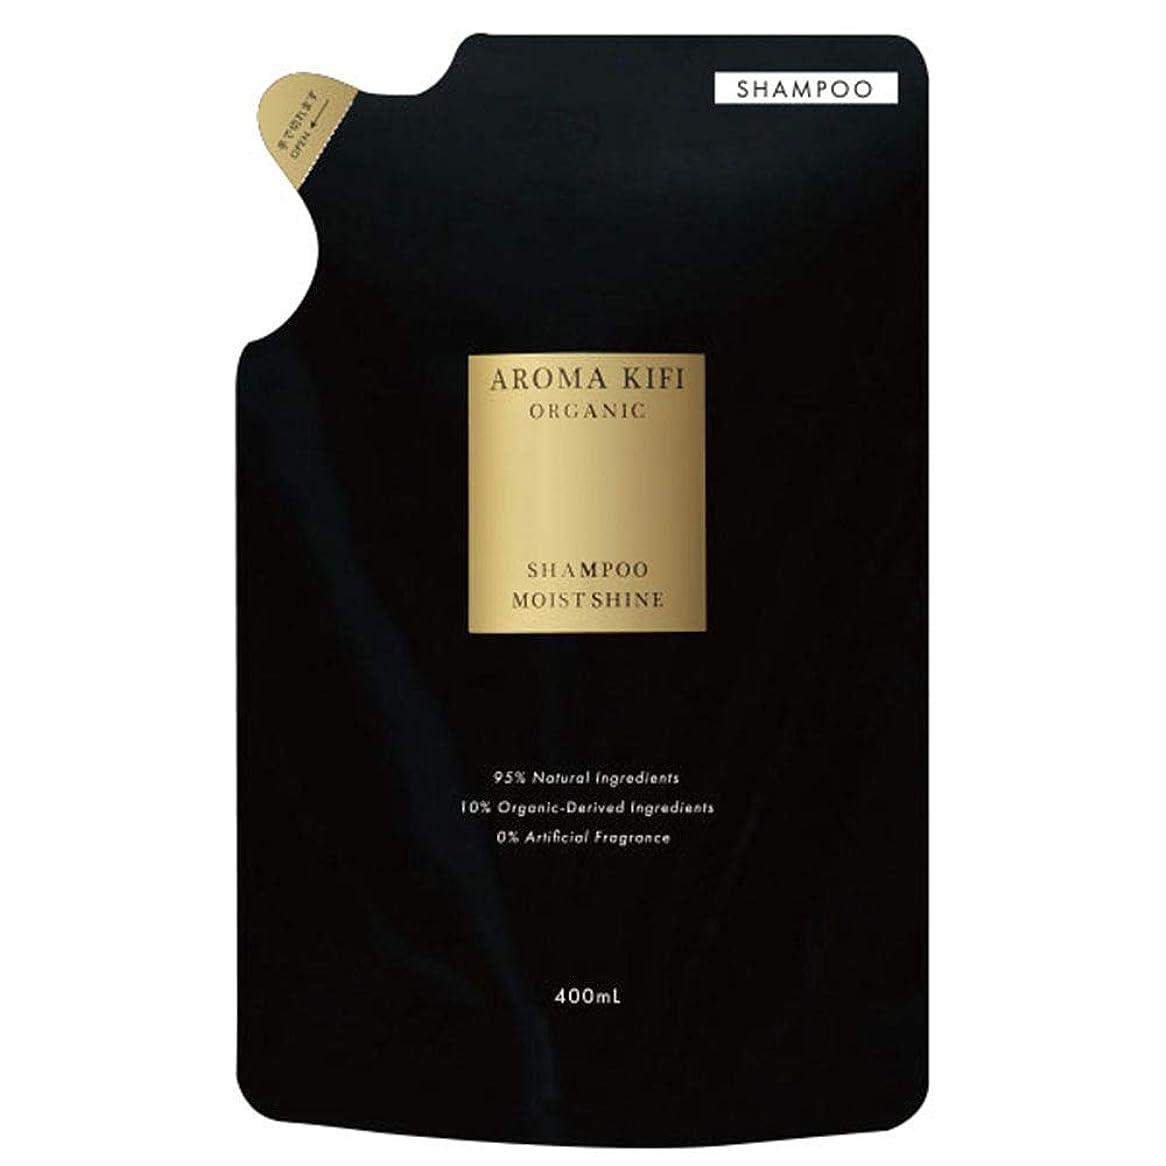 にやにやまっすぐなぜならアロマキフィ オーガニック シャンプー 詰替え 400ml 【モイスト&シャイン】サロン品質 ノンシリコン 無添加 アロマティックハーブの香り